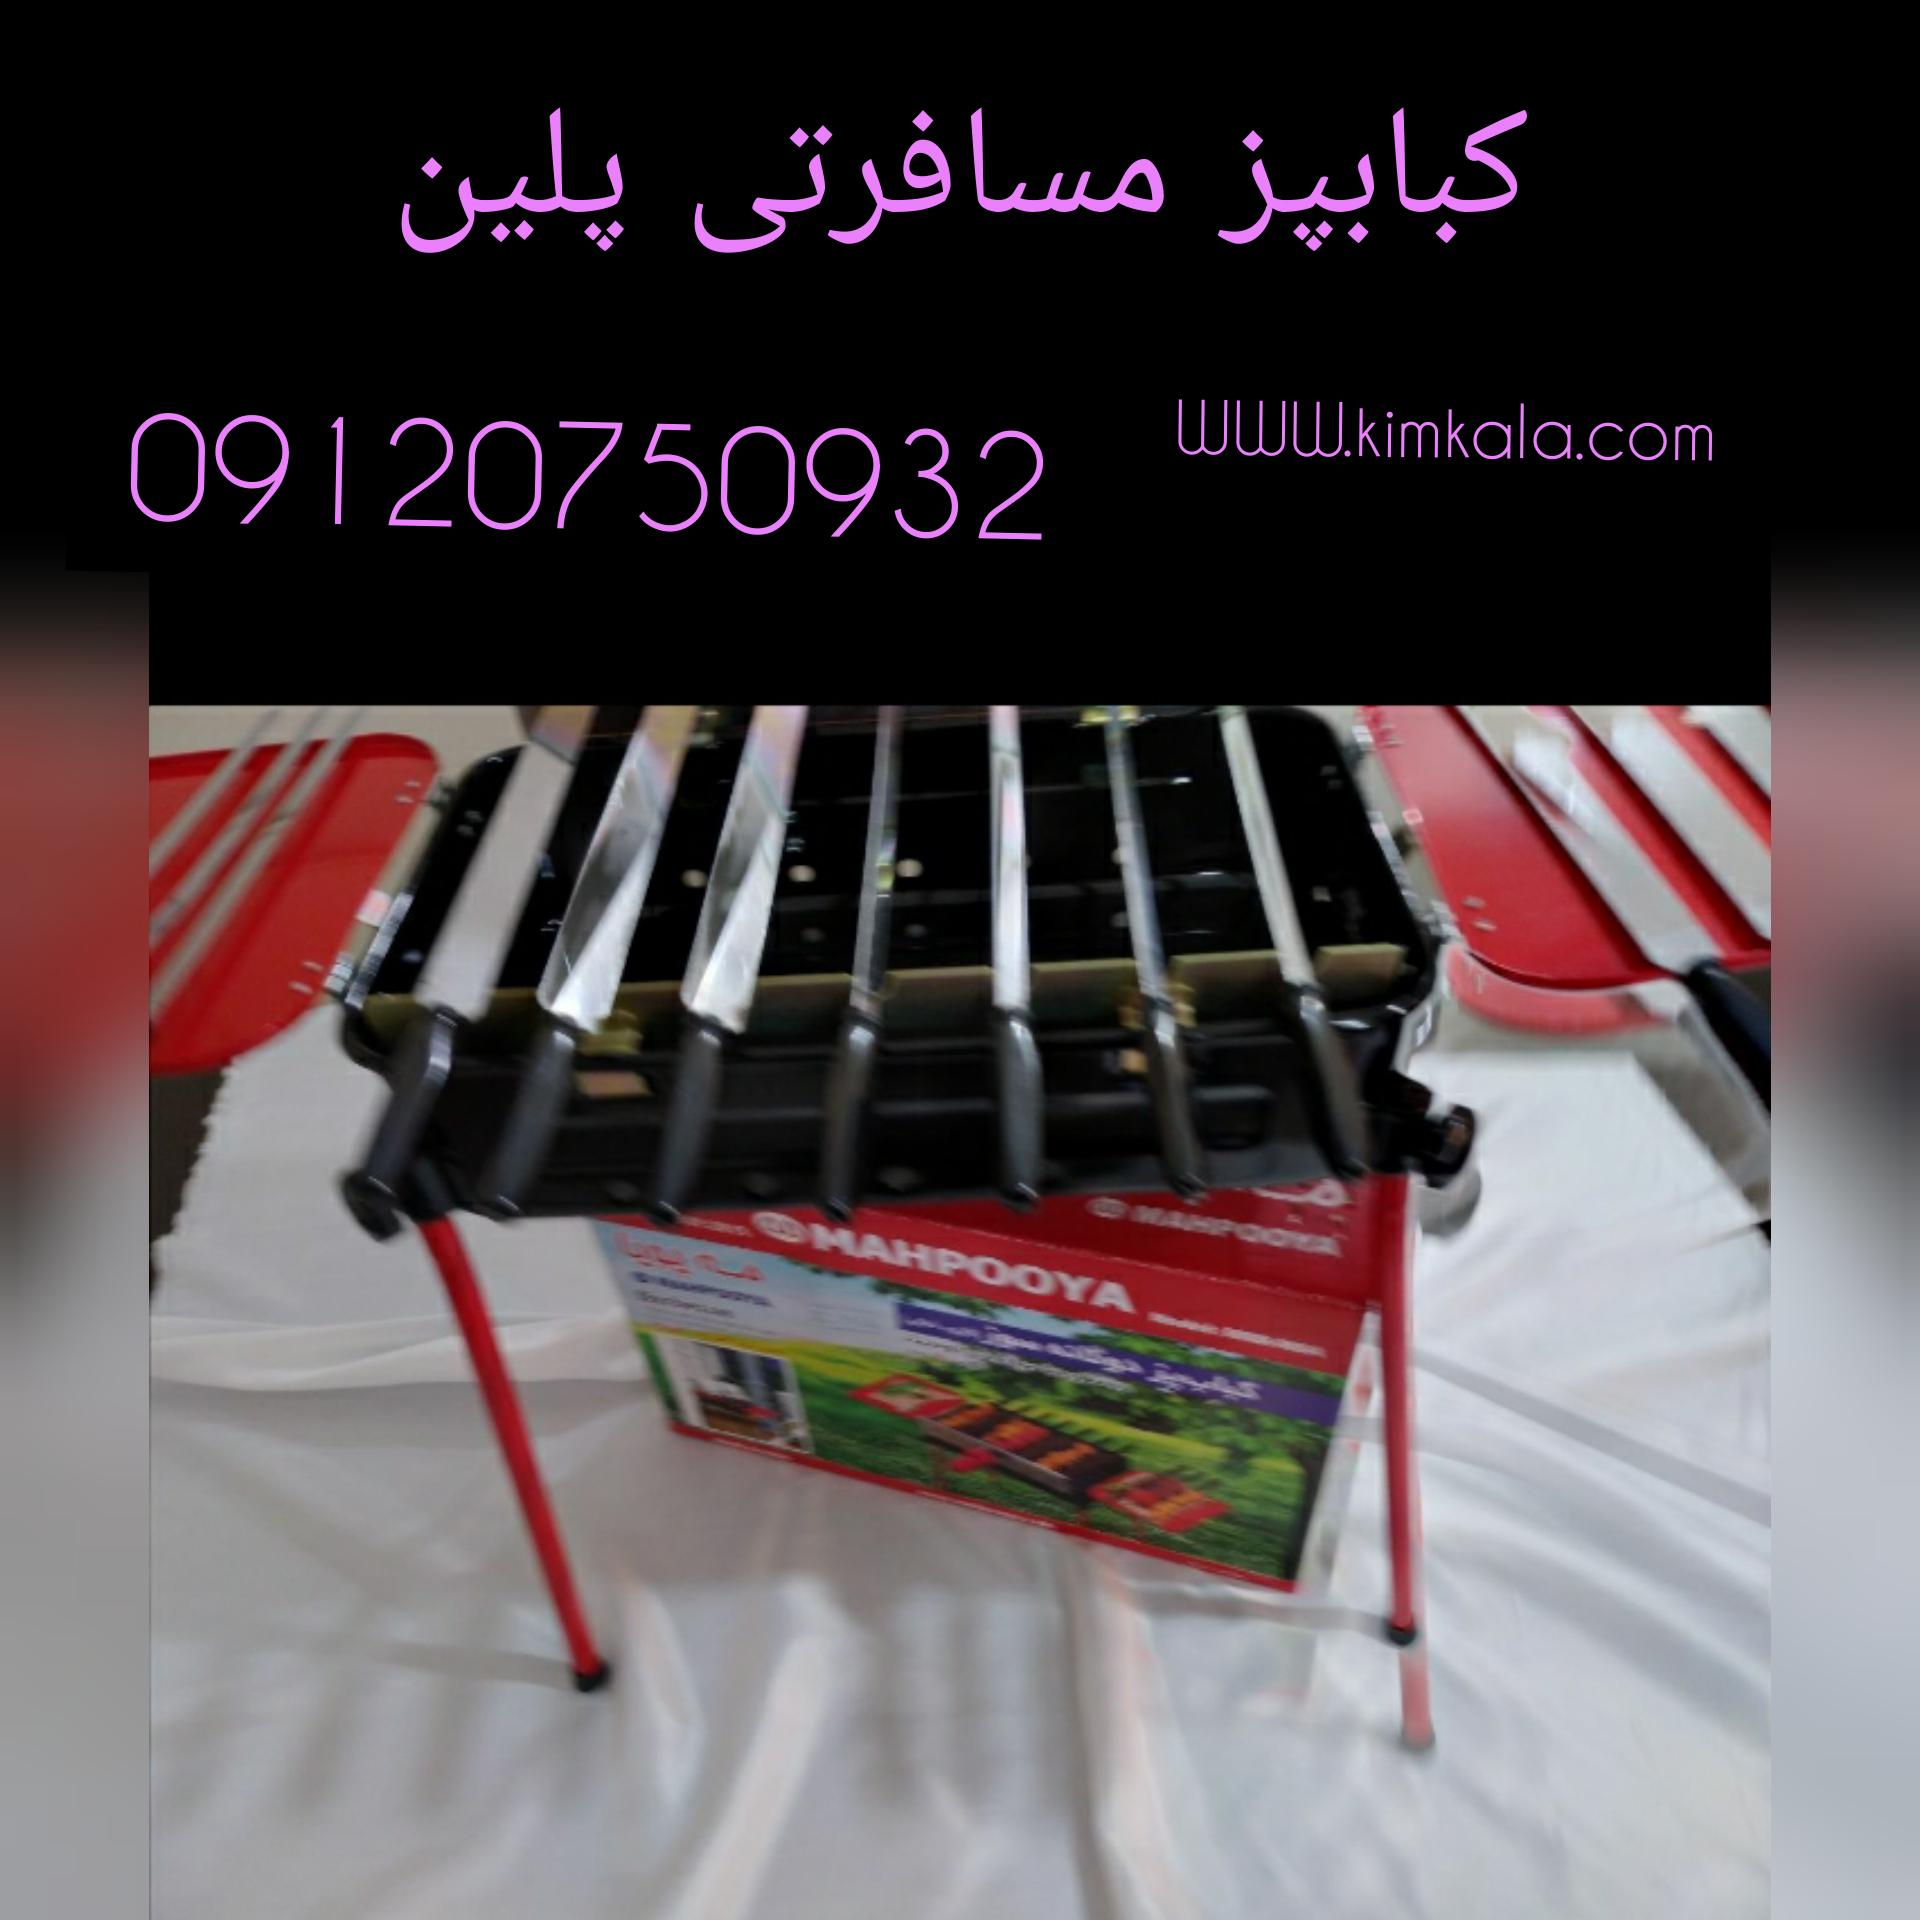 کبابپز  گازی زغالی 14تیکه پلین/09120750932/قیمت کبابپز با